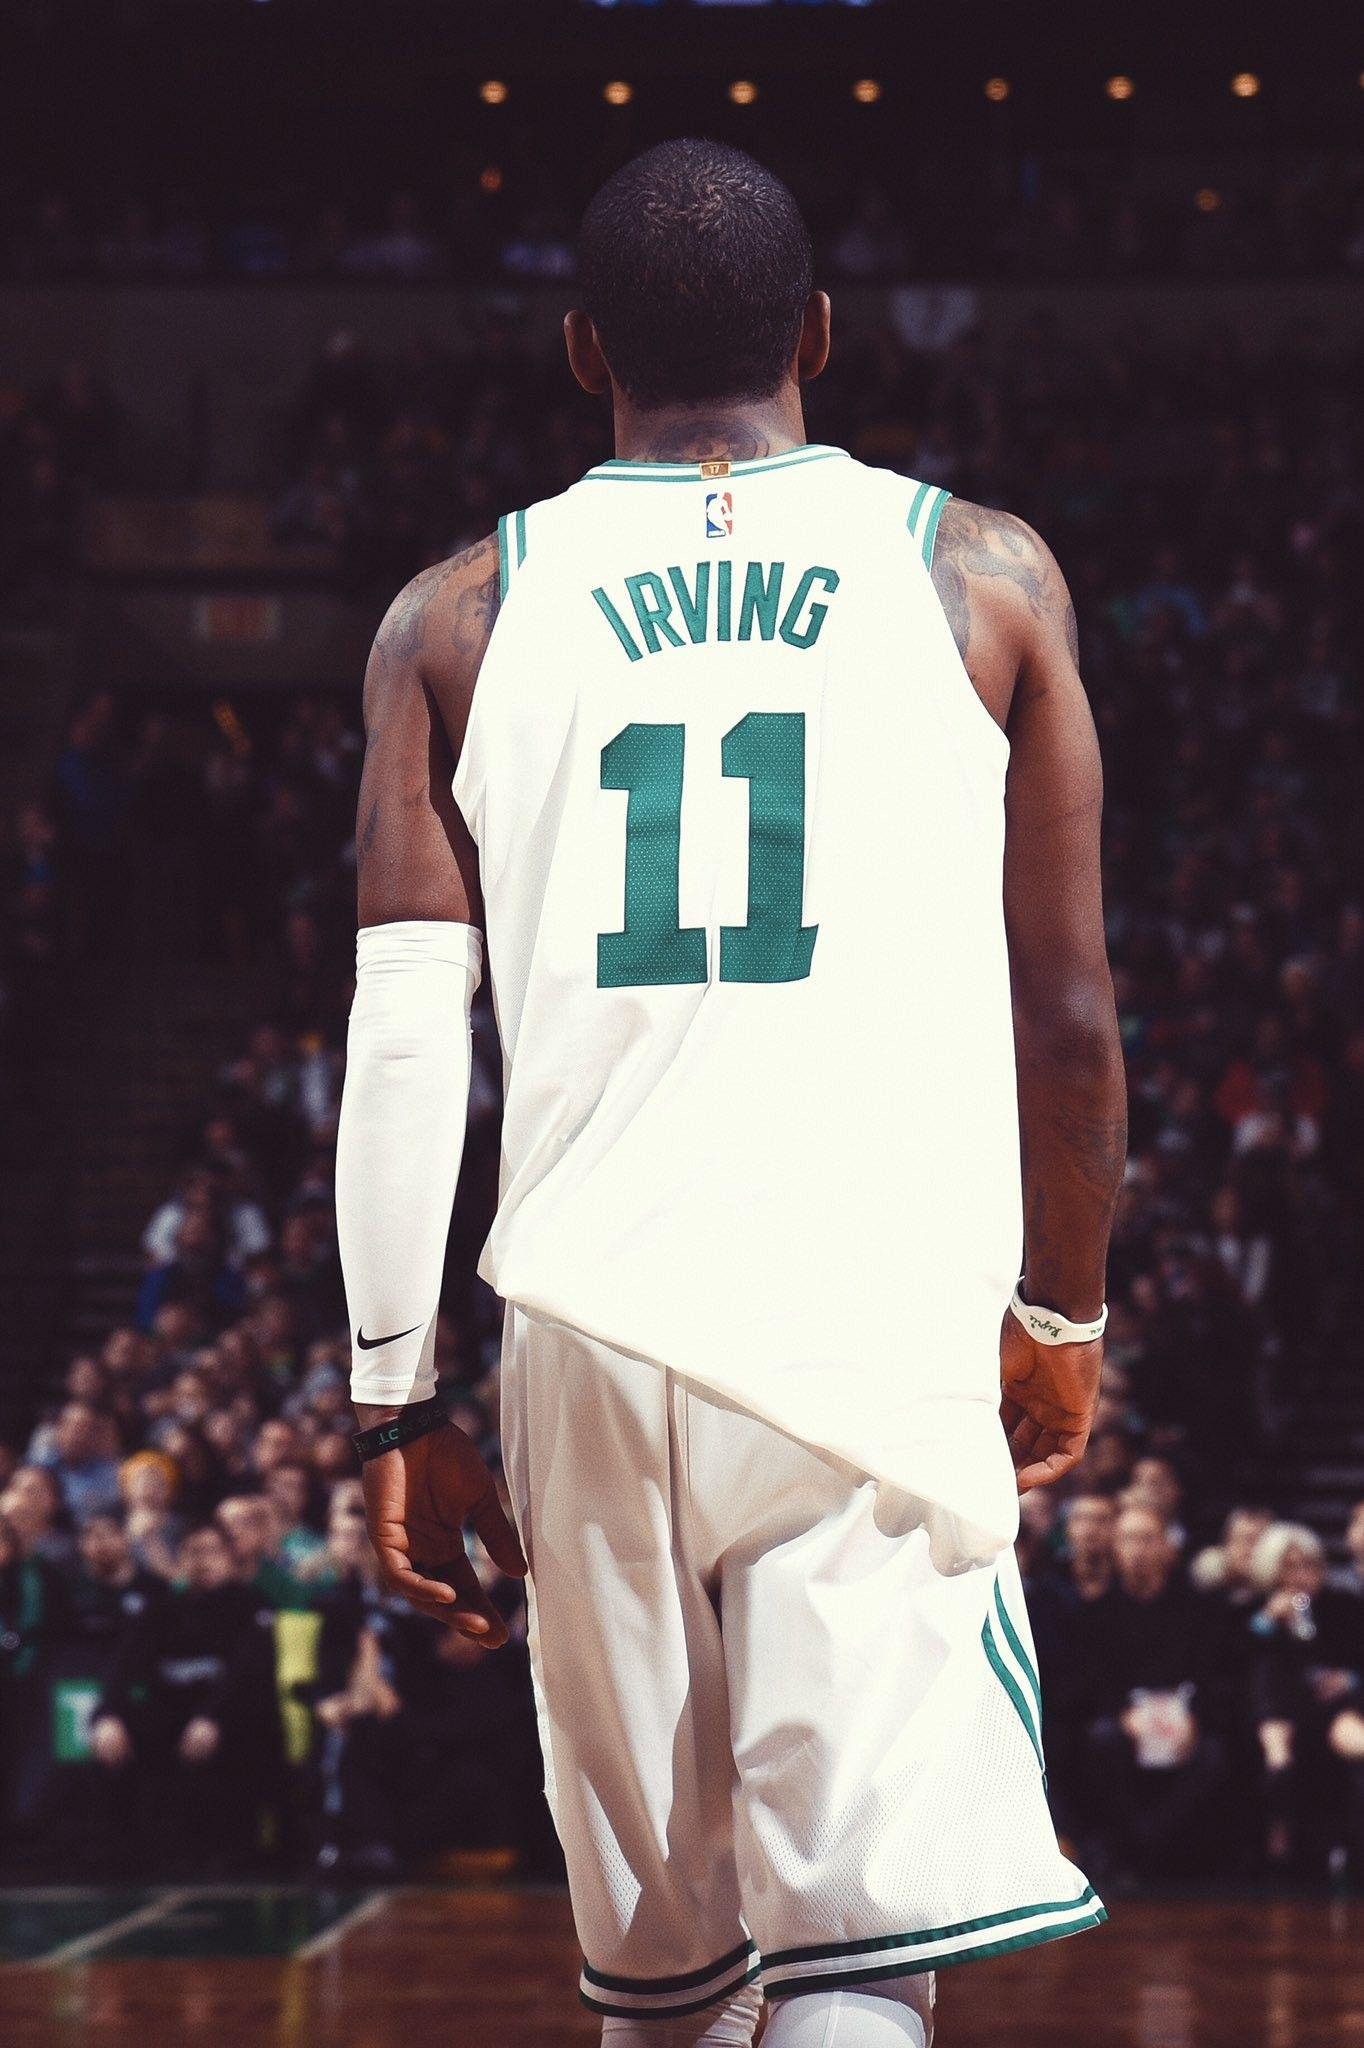 e46979e81c0 Irving 11 | Kyrie Irving | Irving nba, Sports basketball, Kyrie ...